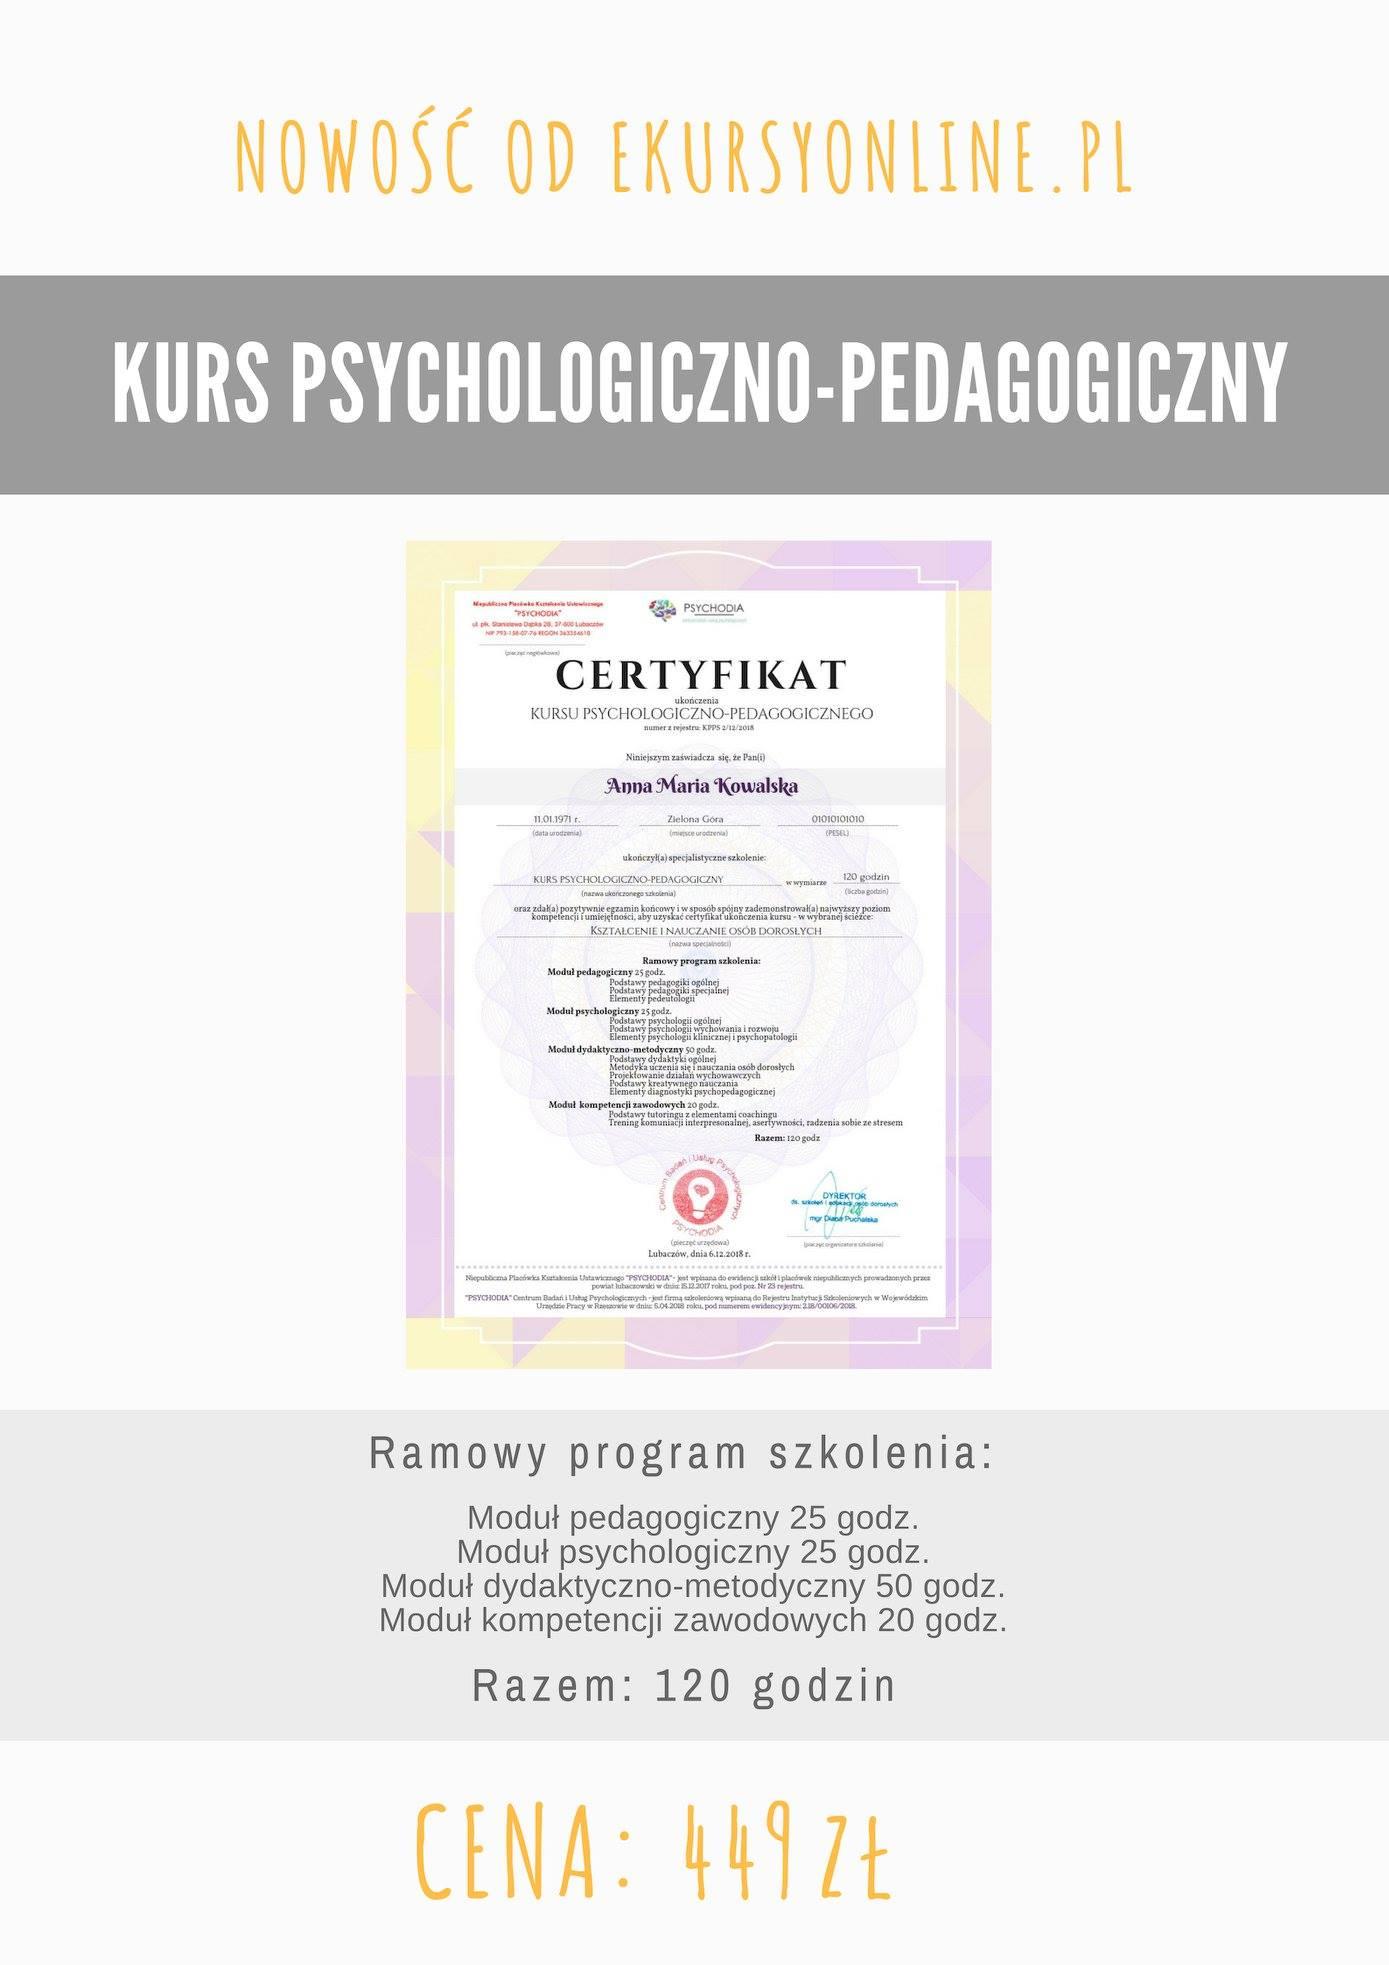 KURS PSYCHOLOGICZNO-PEDAGOGICZNY